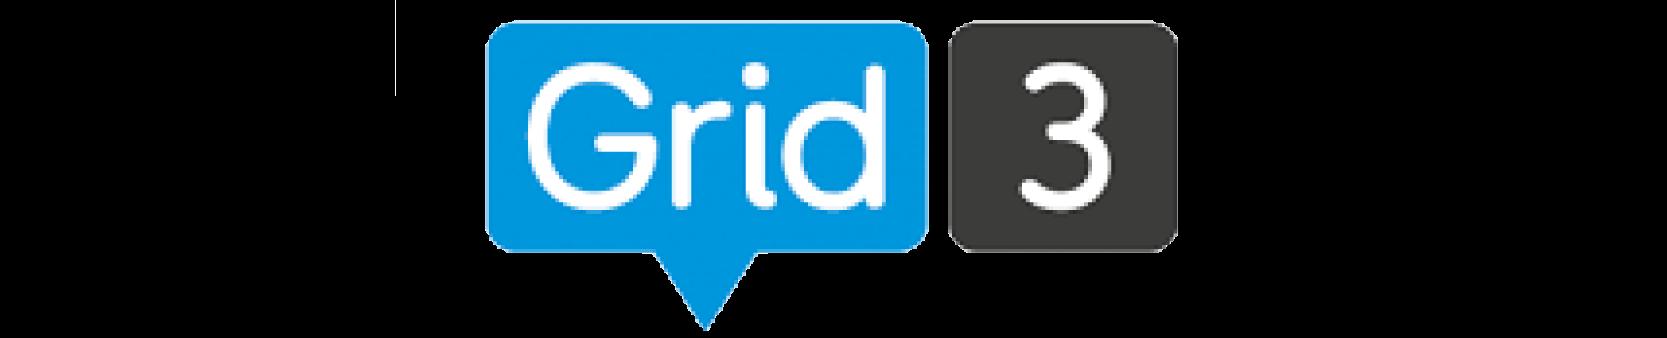 logo grid3